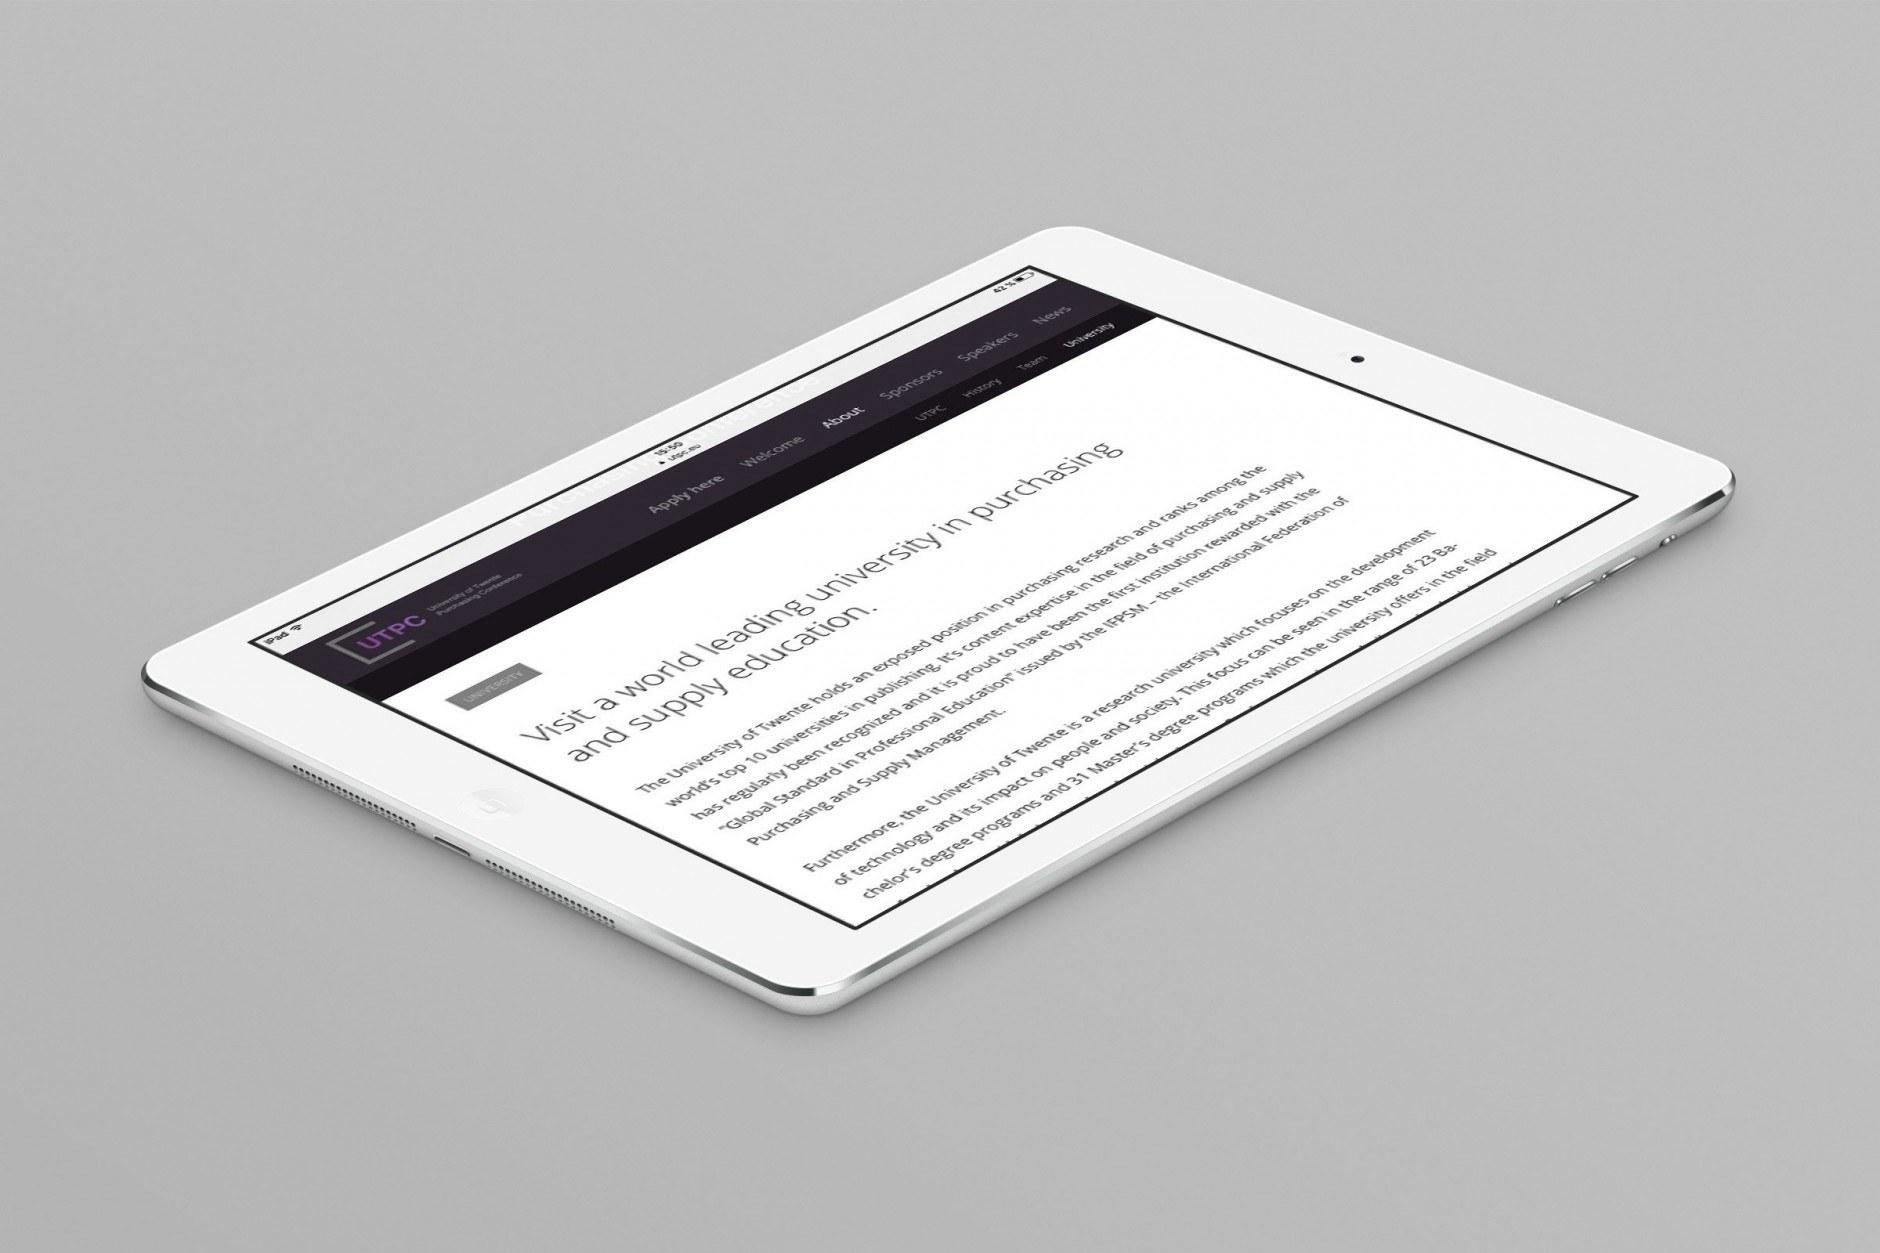 notthoff-designagentur_utpc-webdesign-8-001